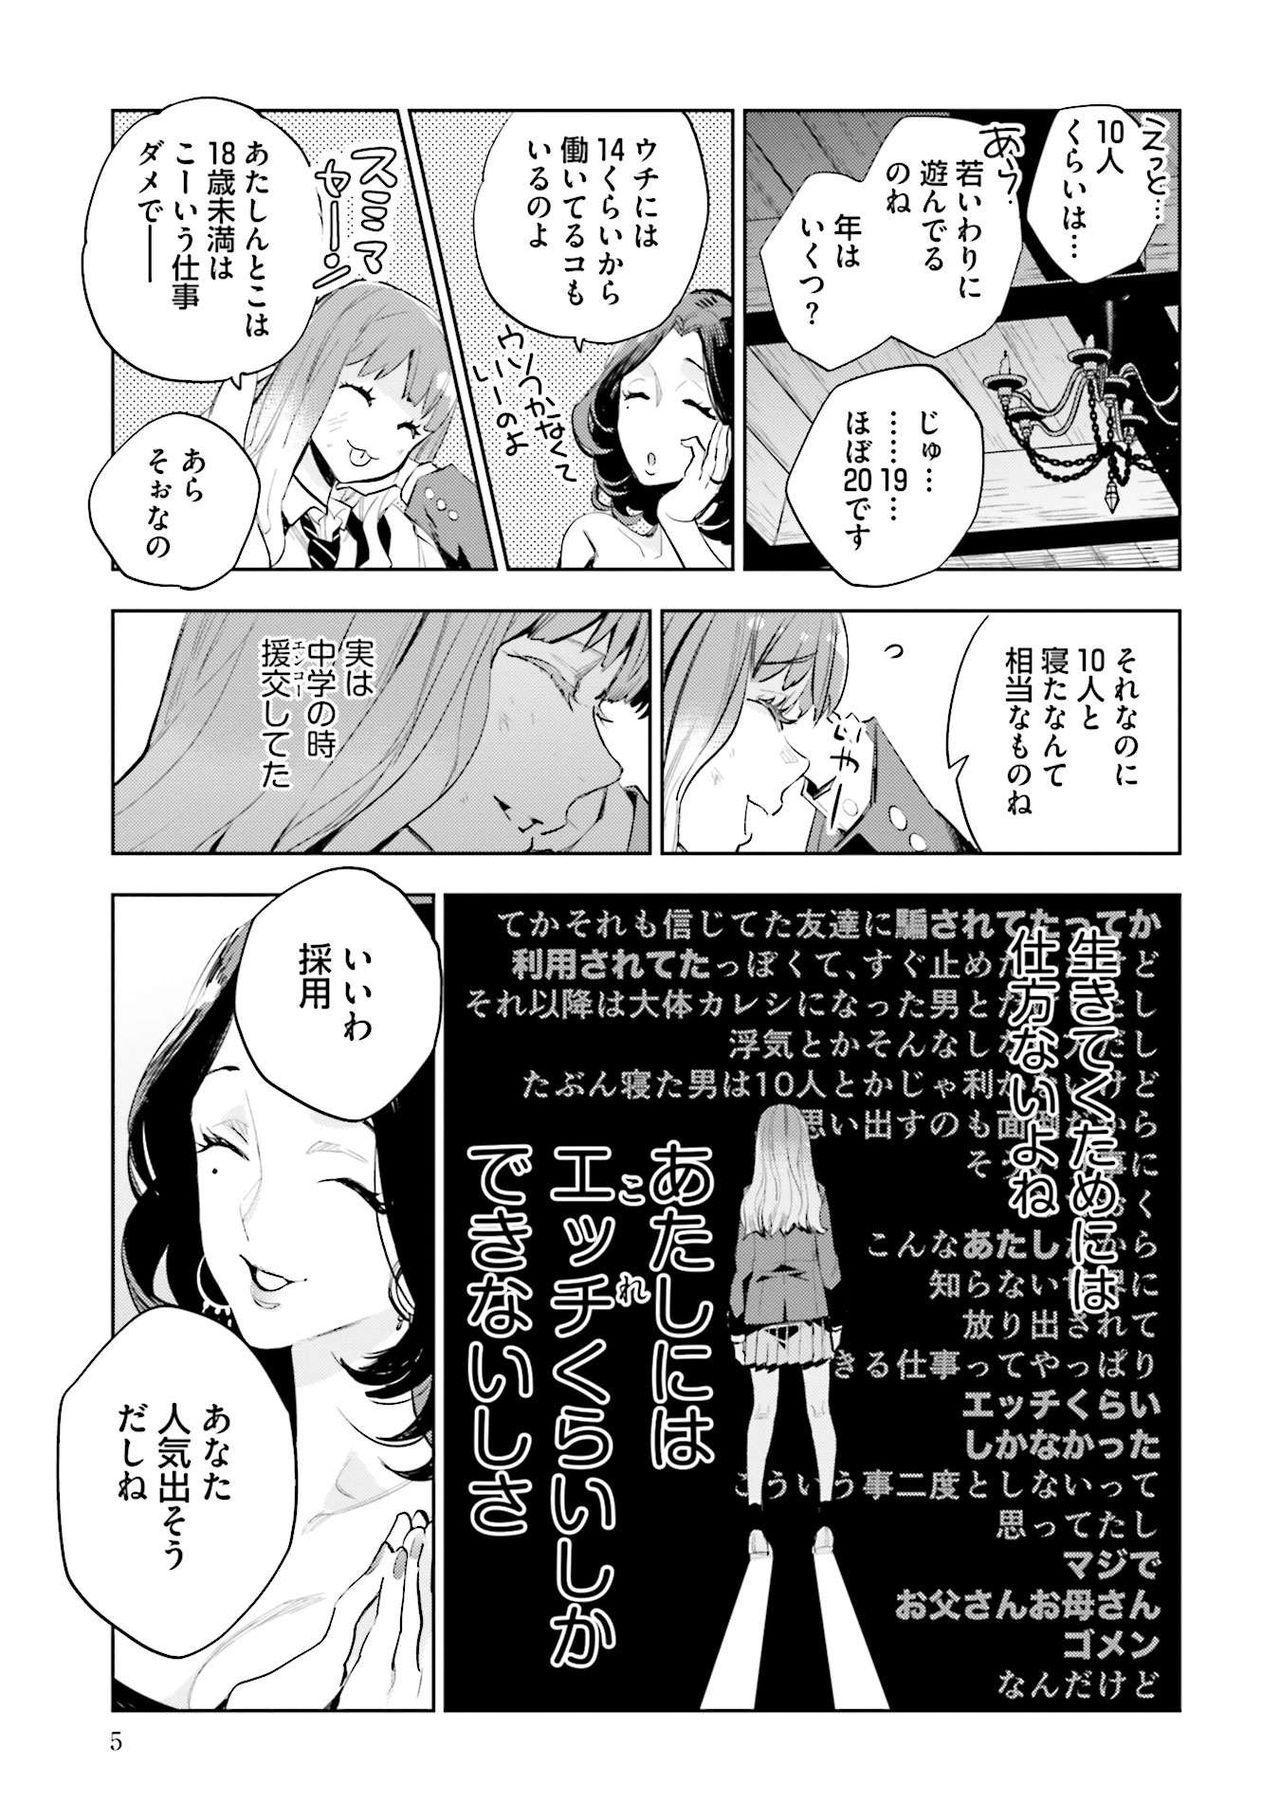 JK Haru wa Isekai de Shoufu ni Natta 1-14 6